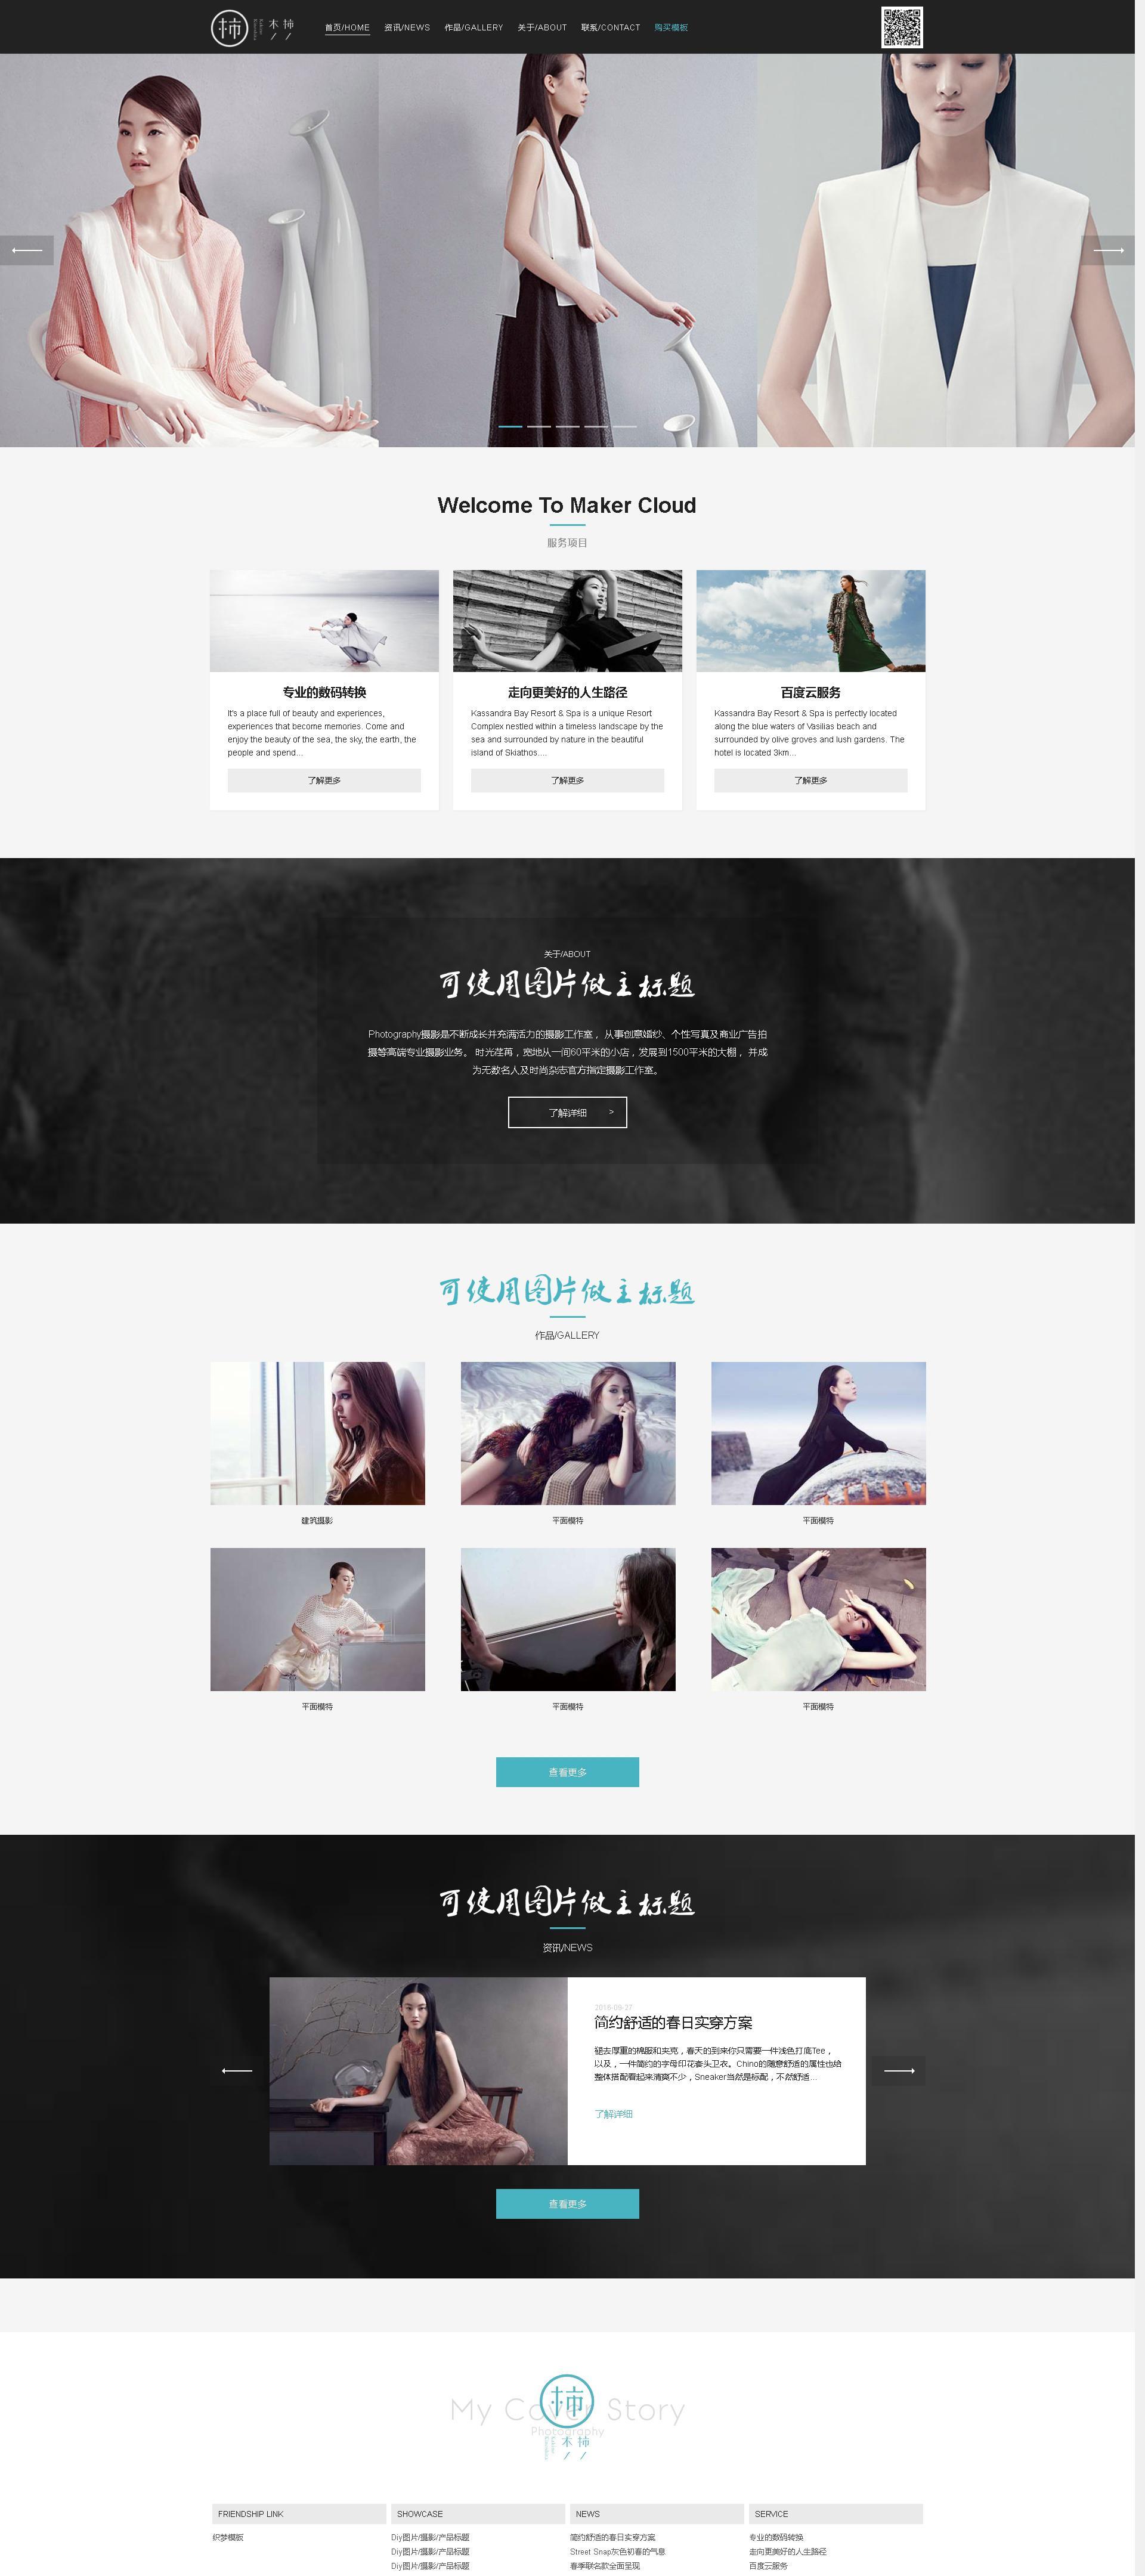 响应式服装广告设计模特艺术展示类织梦dedecms模板(自适应手机端)